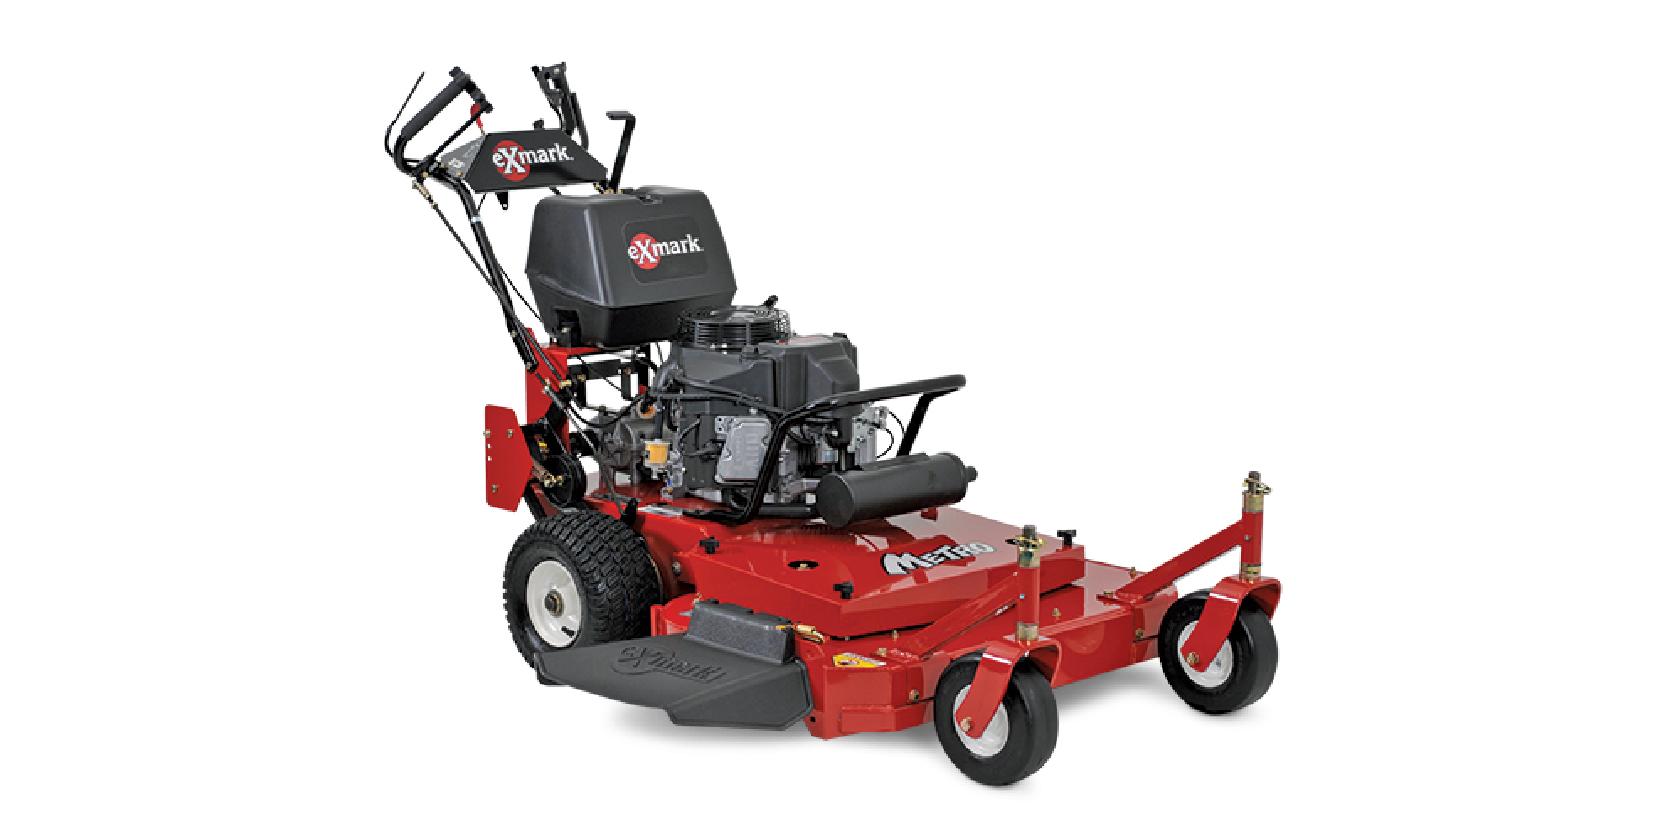 Stand Behind Lawn Mower >> Exmark Mgs481cka36200 Metro 36 Walk Behind Lawn Mower